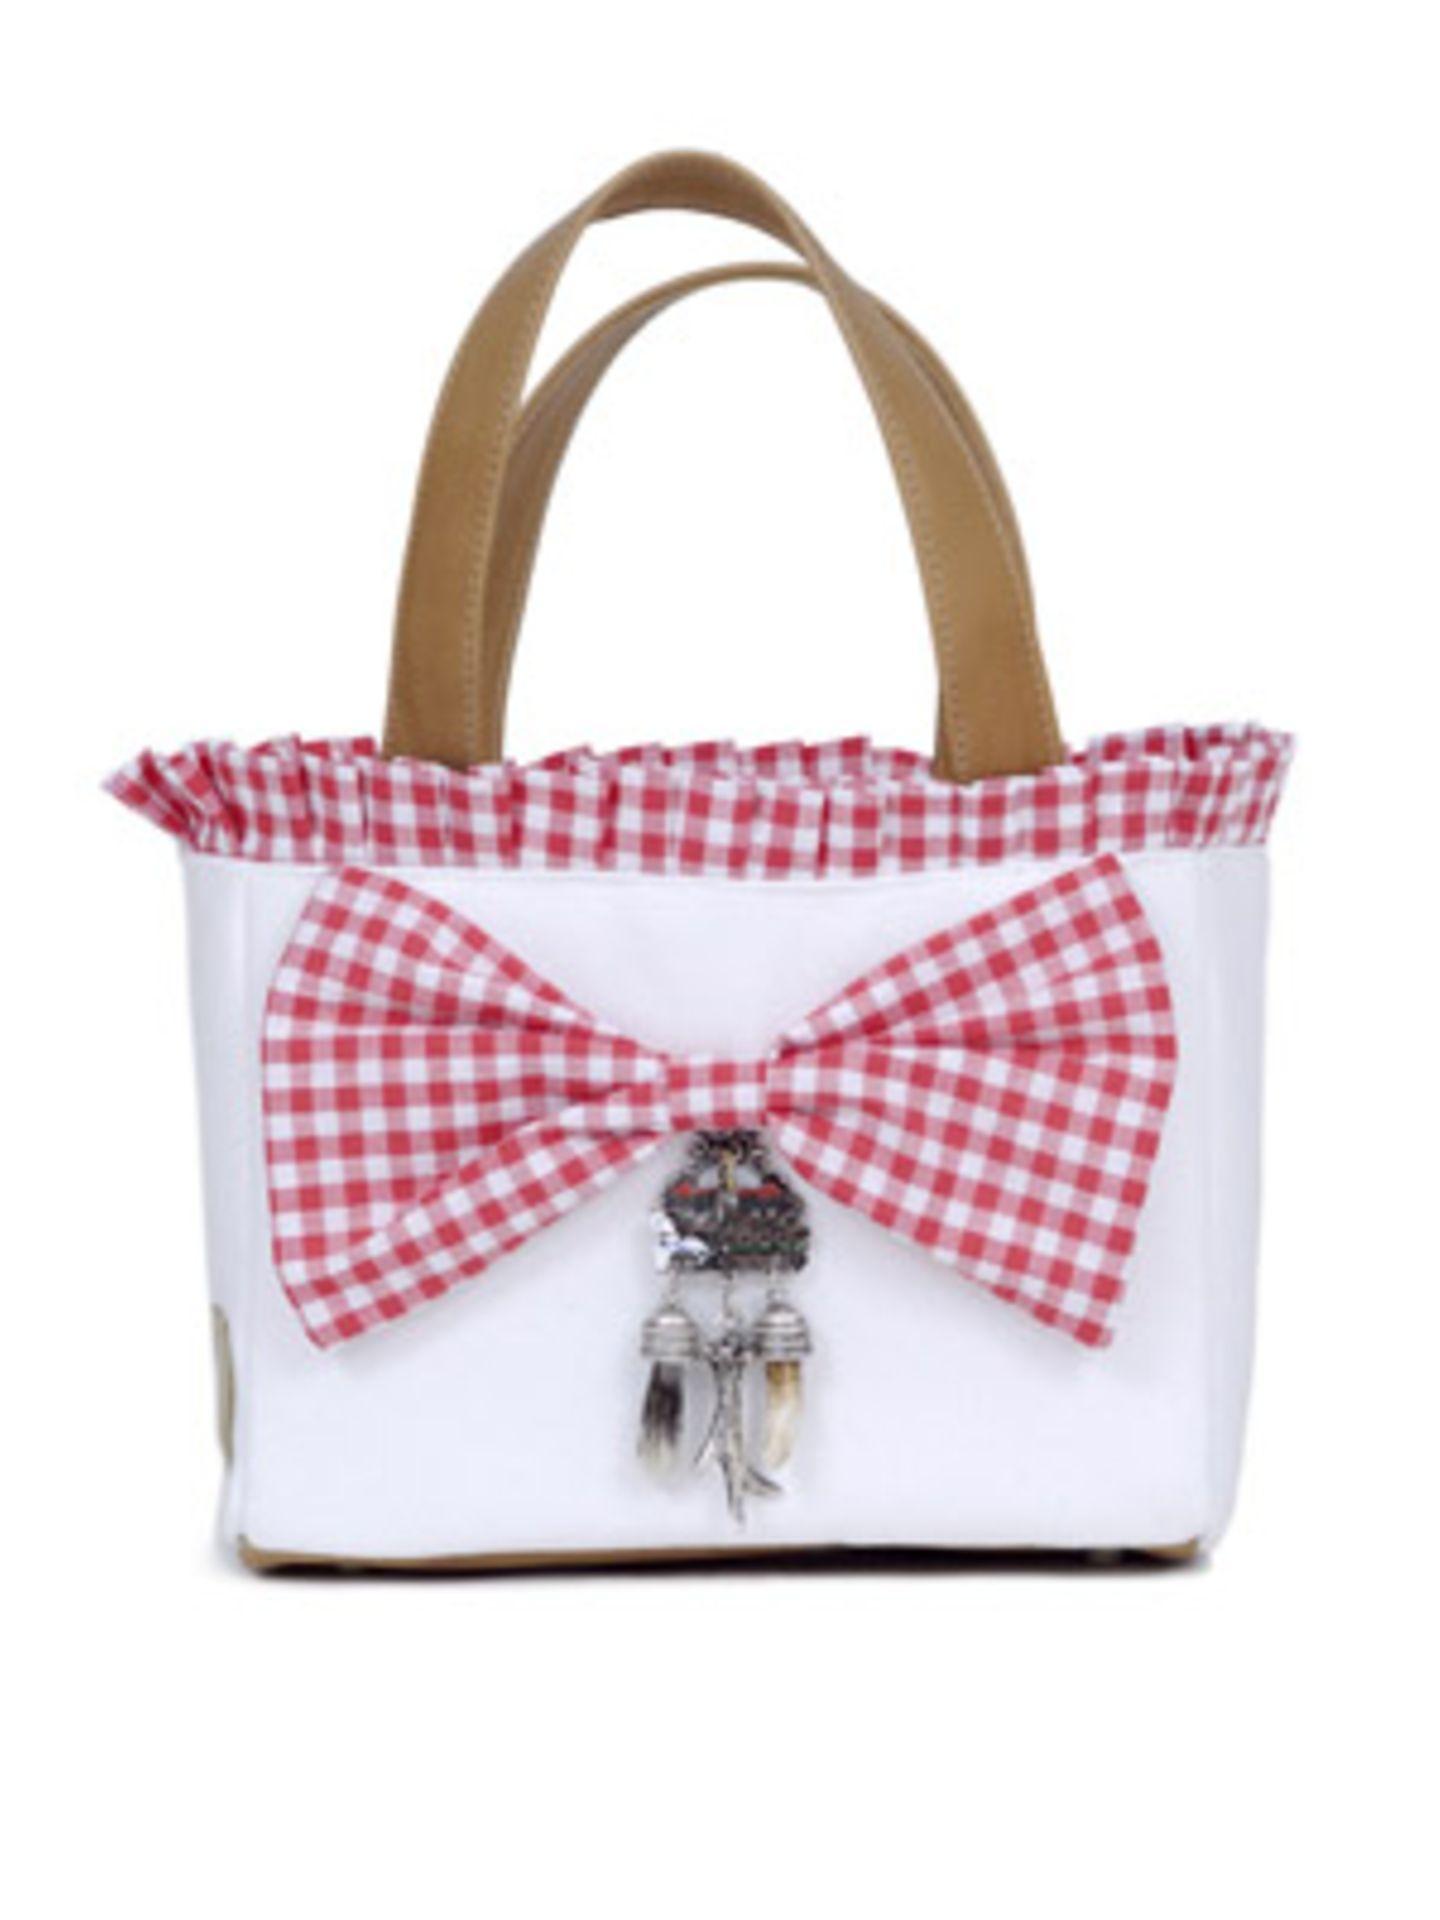 Henkeltasche in Weiß mit rot karierter Schleife und bayrischen Applikationen von Mandana Just Bags, um 110 Euro.